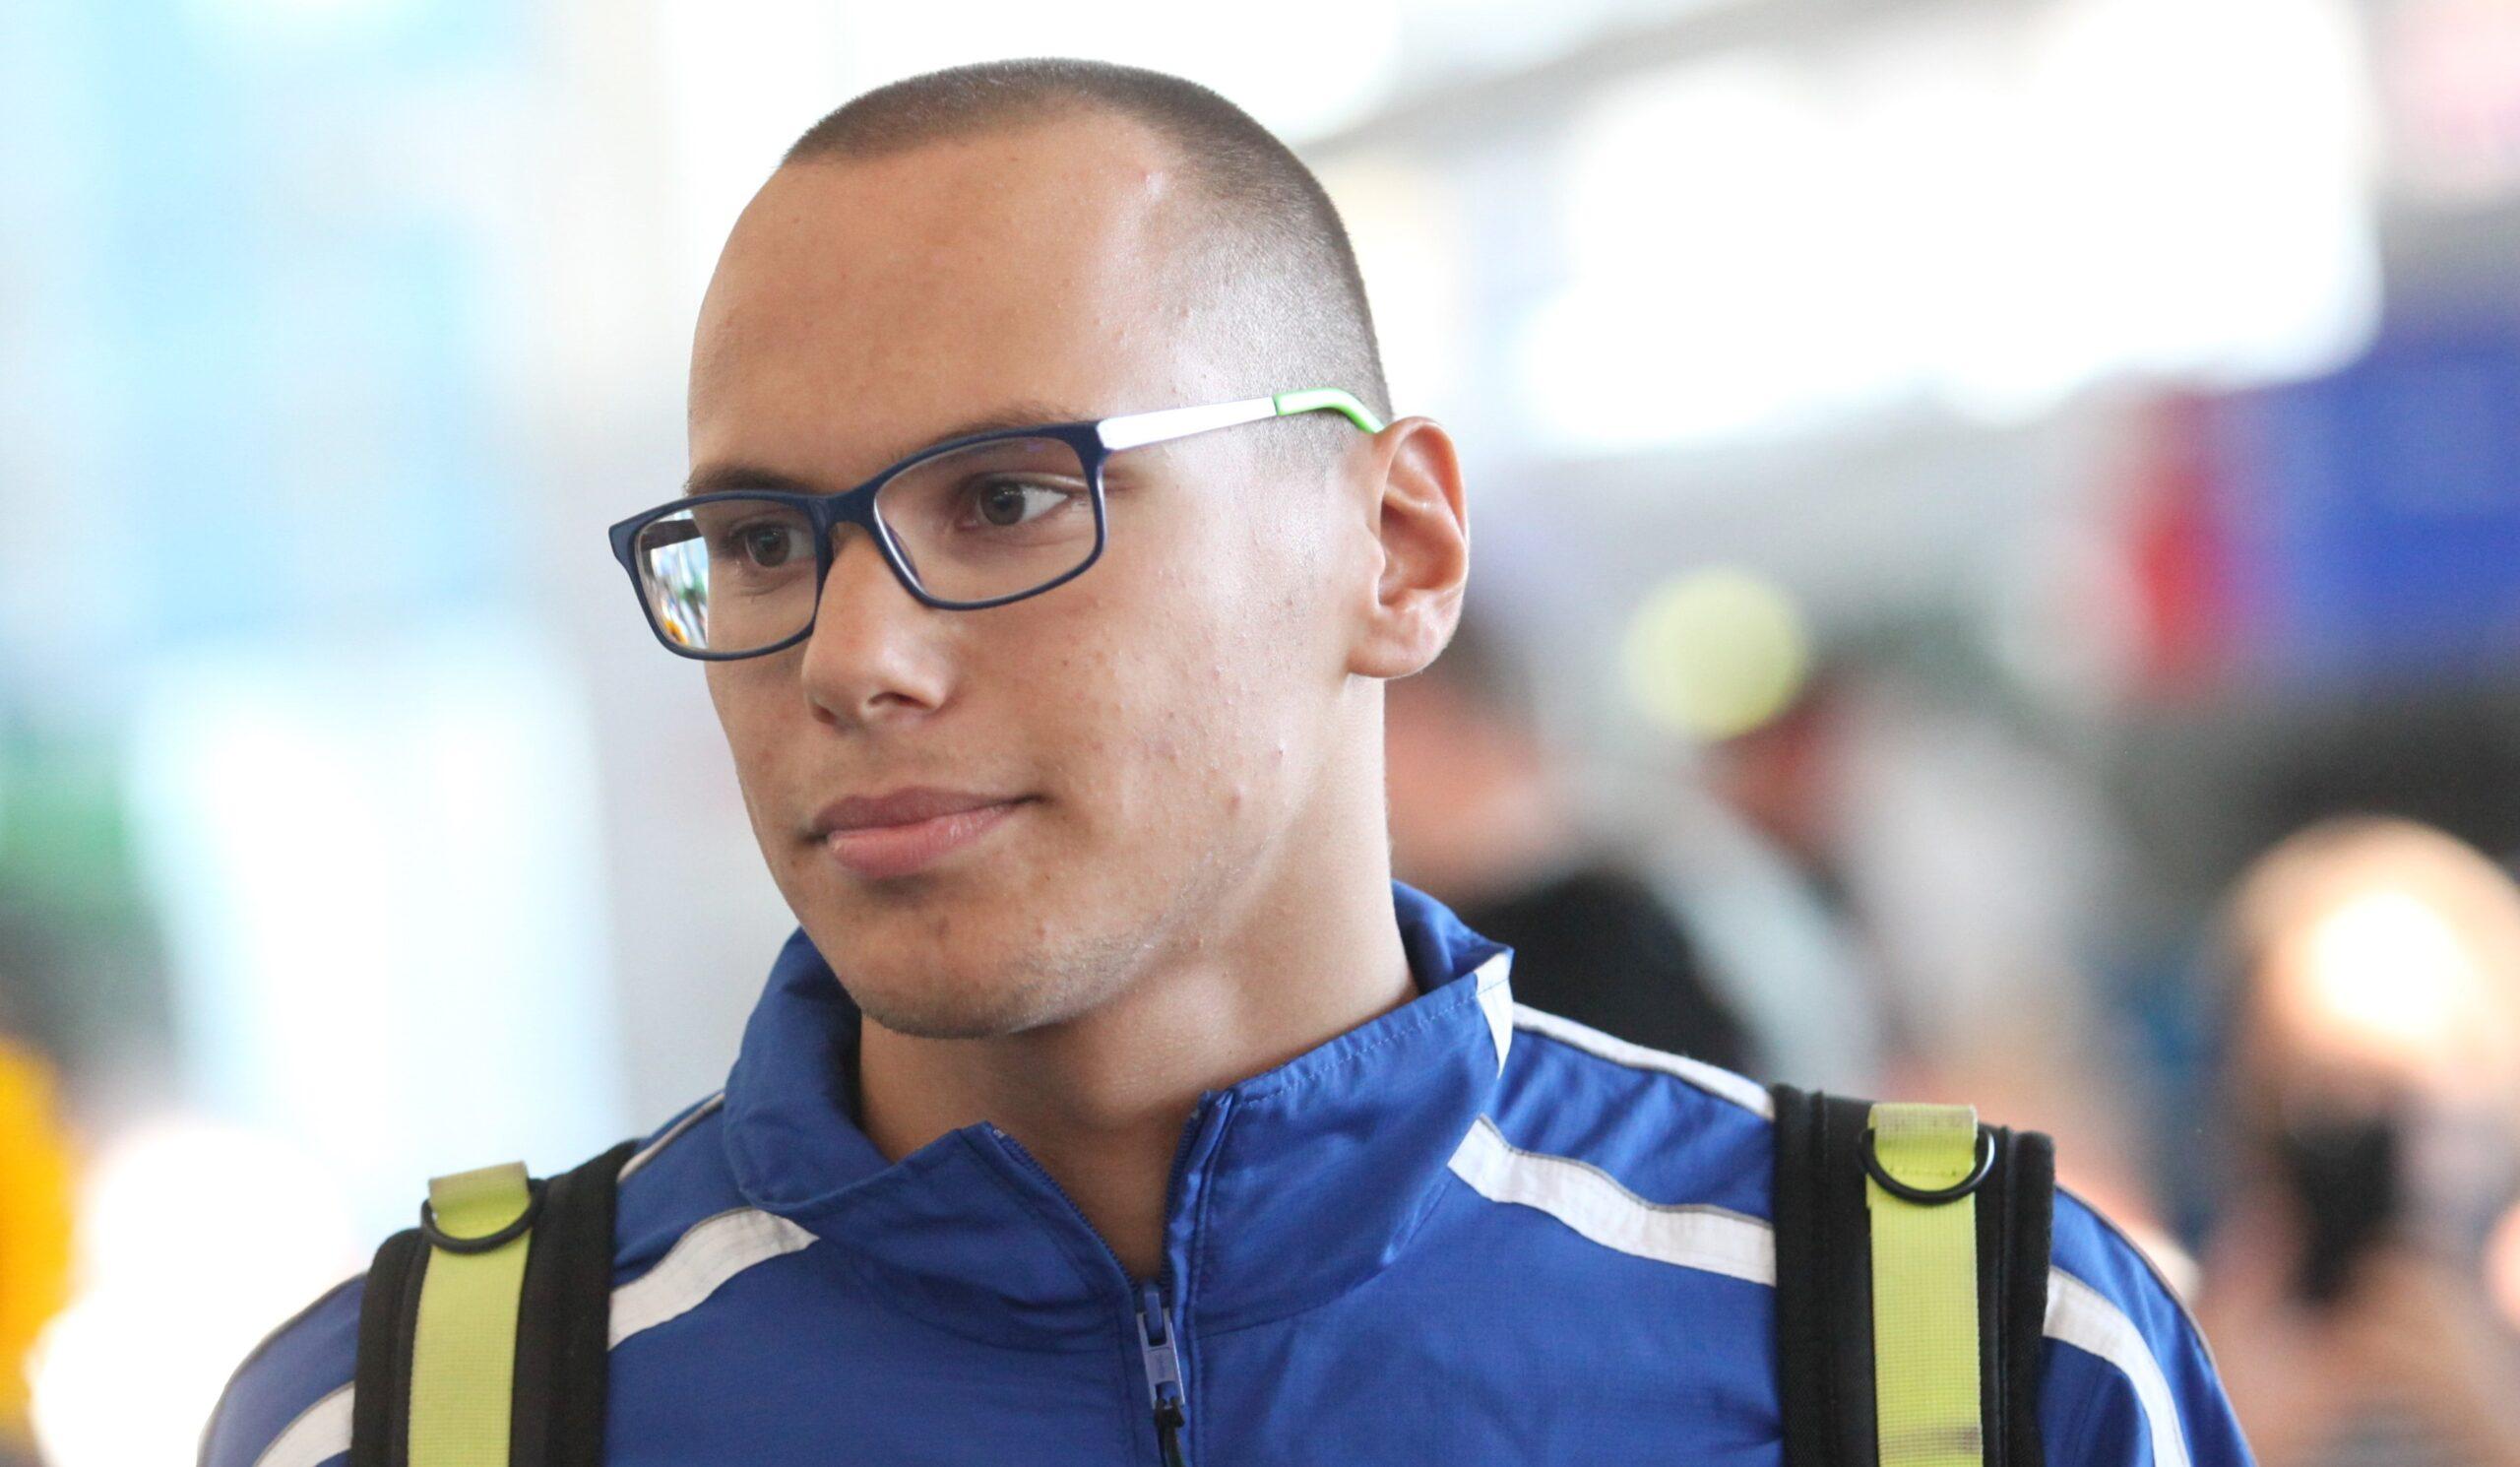 Антъни Иванов с изключителен рекорд на 200 м бътерфлай, класира се за полуфиналите на ЕП с втори резултат